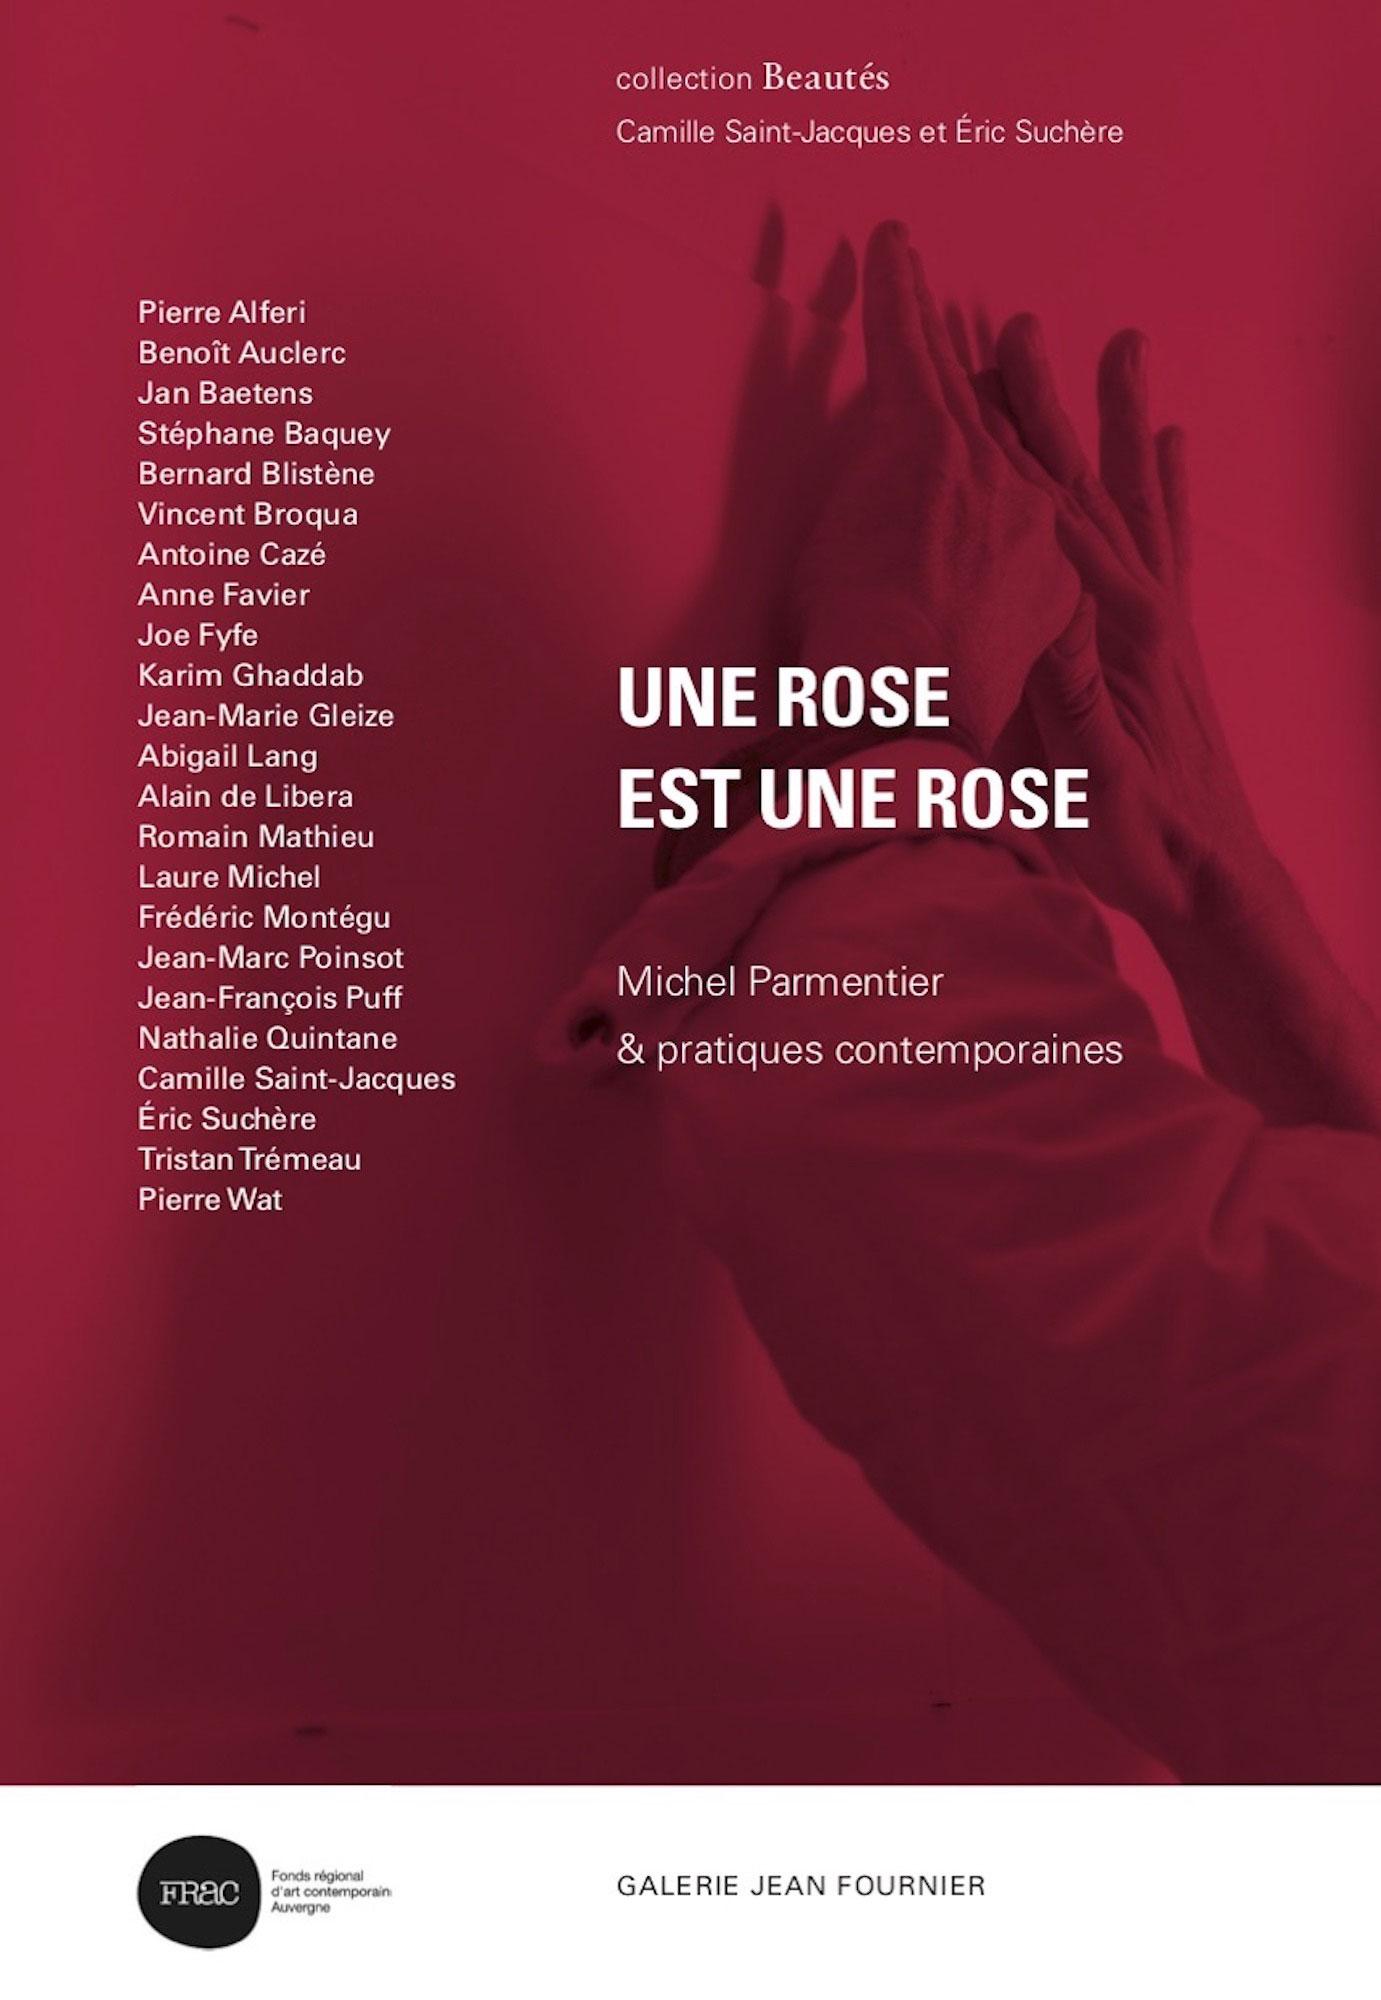 Une rose est une rose, Michel Parmentier &pratiques contemporaines